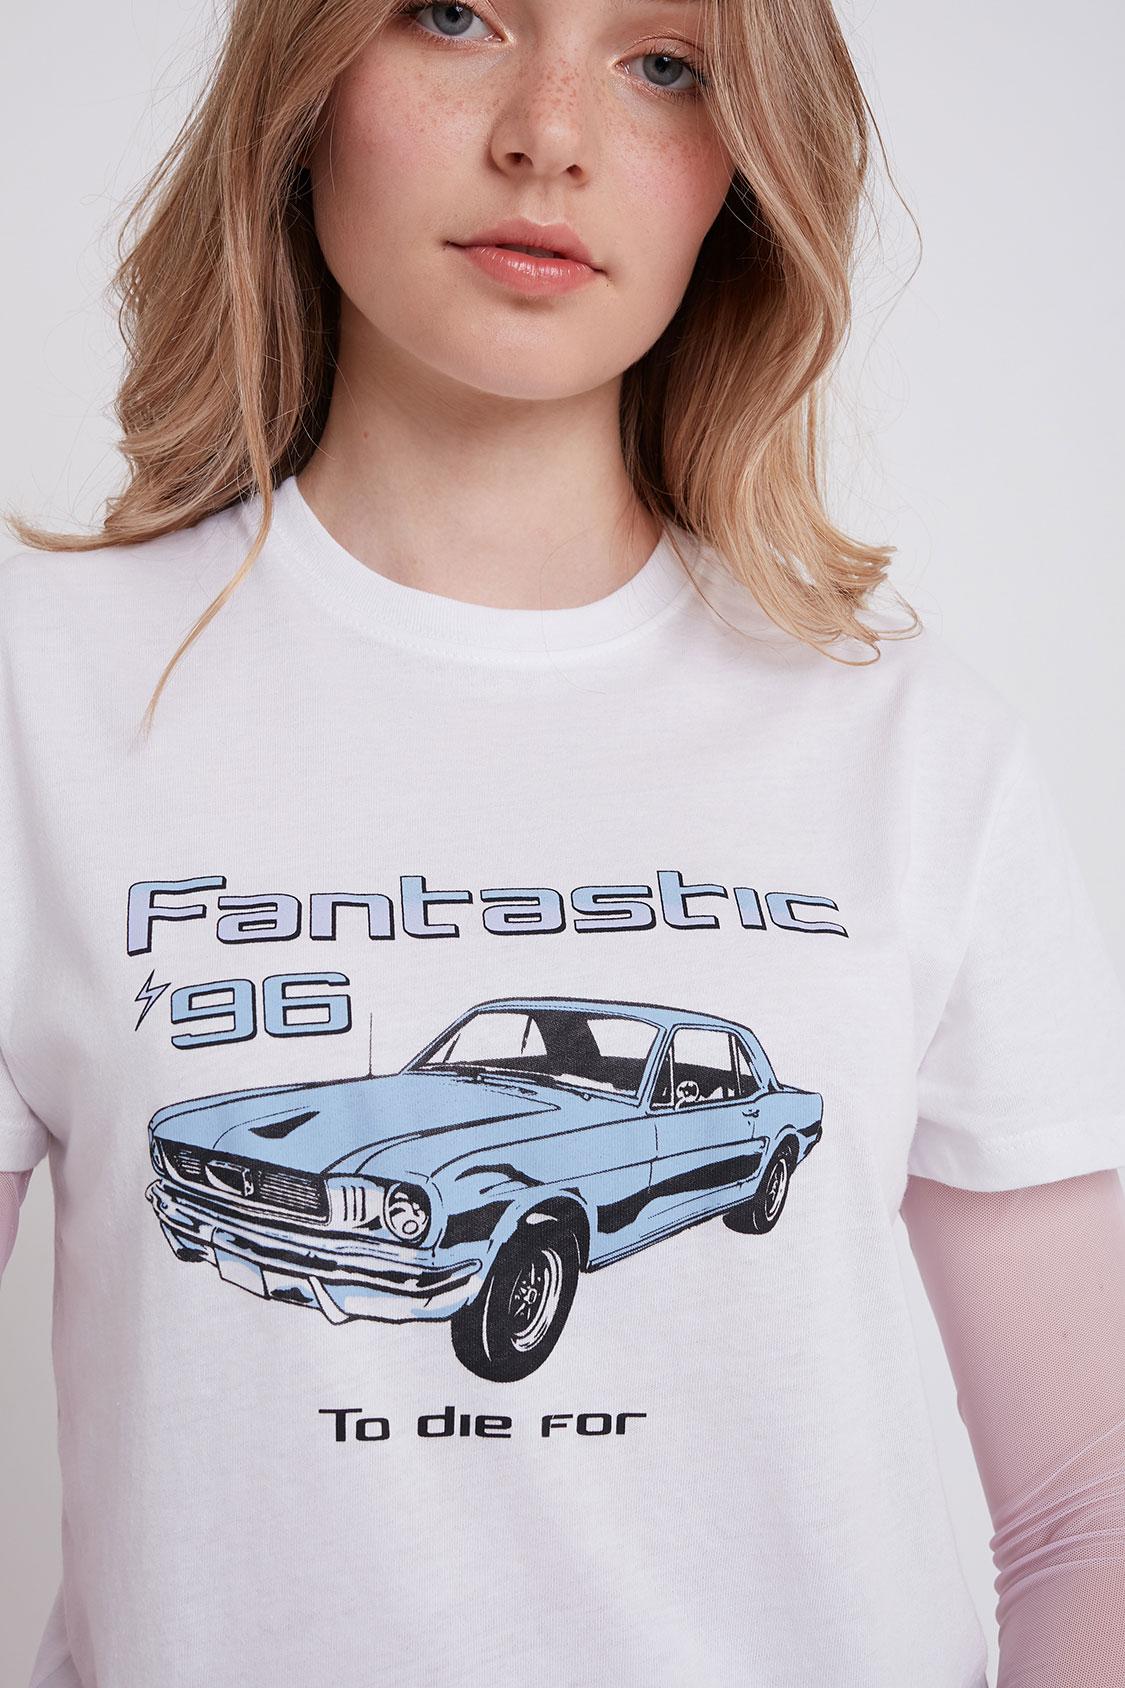 d6b0a622301a T-shirt fantastic